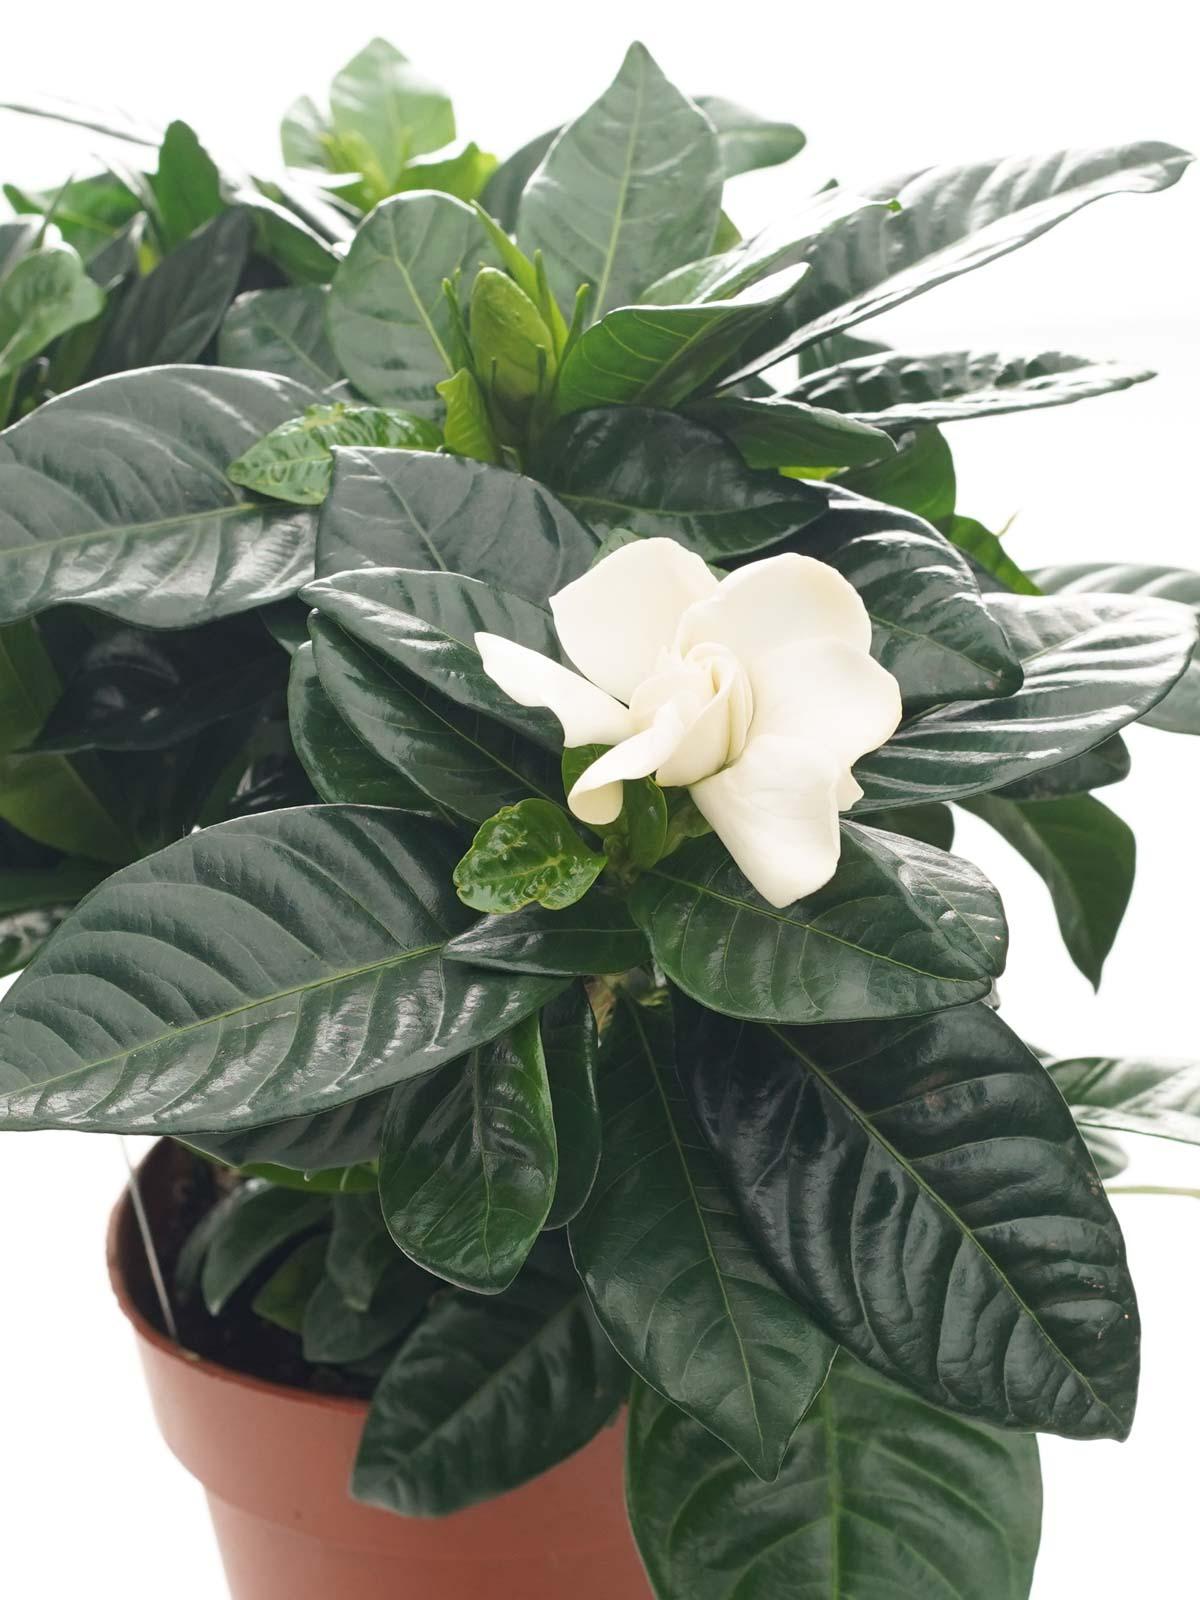 جاردينيا 'نباتات خارجية النباتات المزهرة